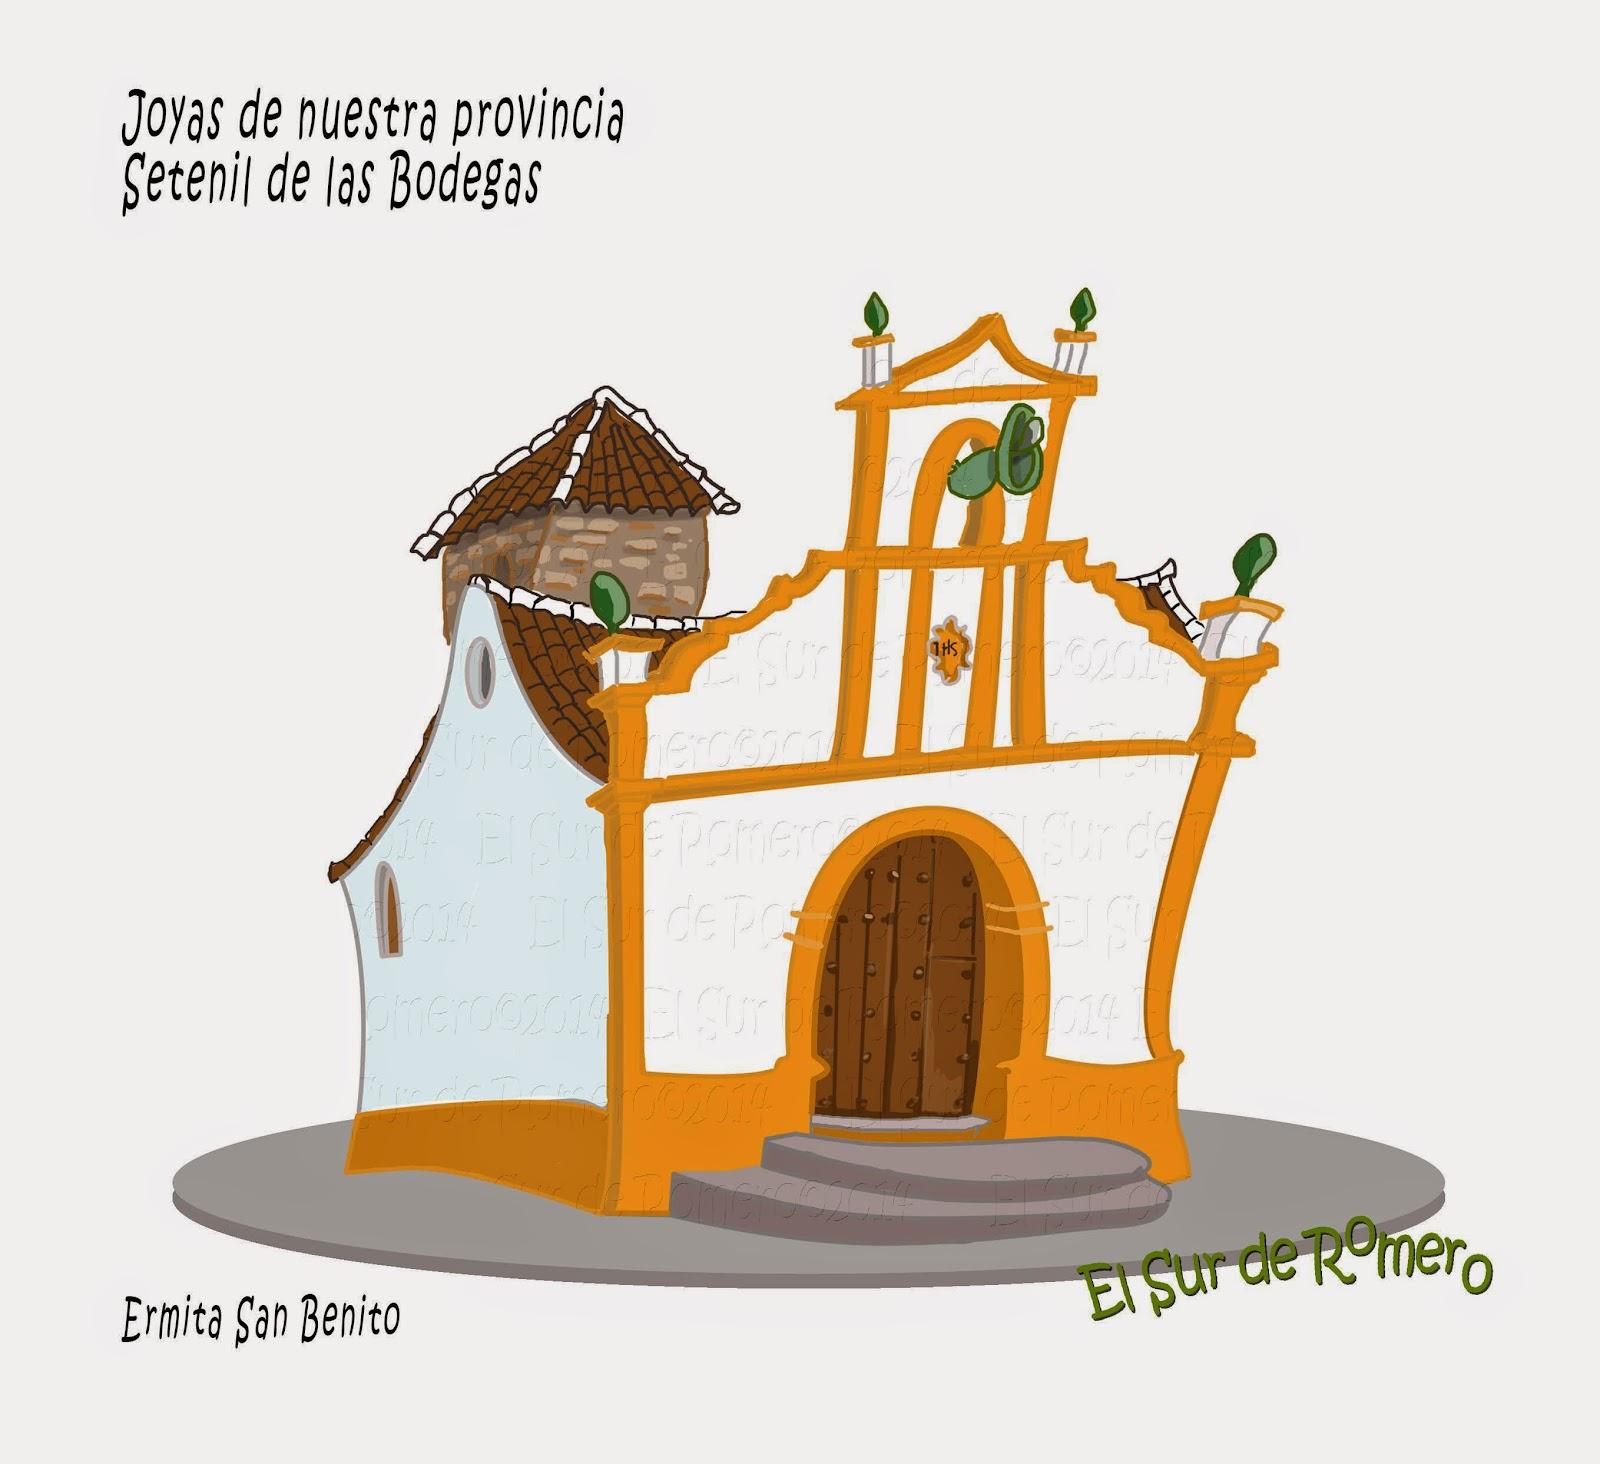 """<img src=""""Ermita san benito.jpg"""" alt=""""dibujos de ermitas""""/>"""